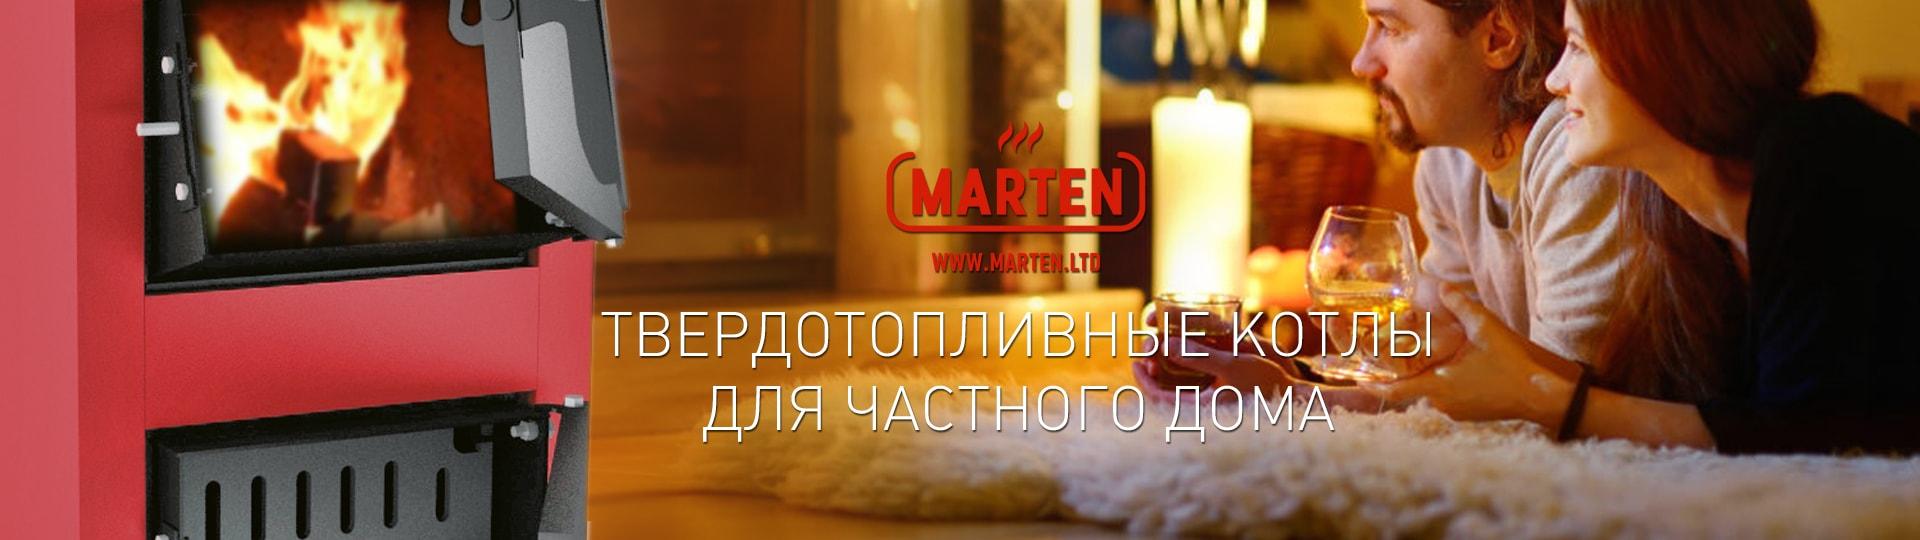 Твердотопливные котлы Marten для частного дома